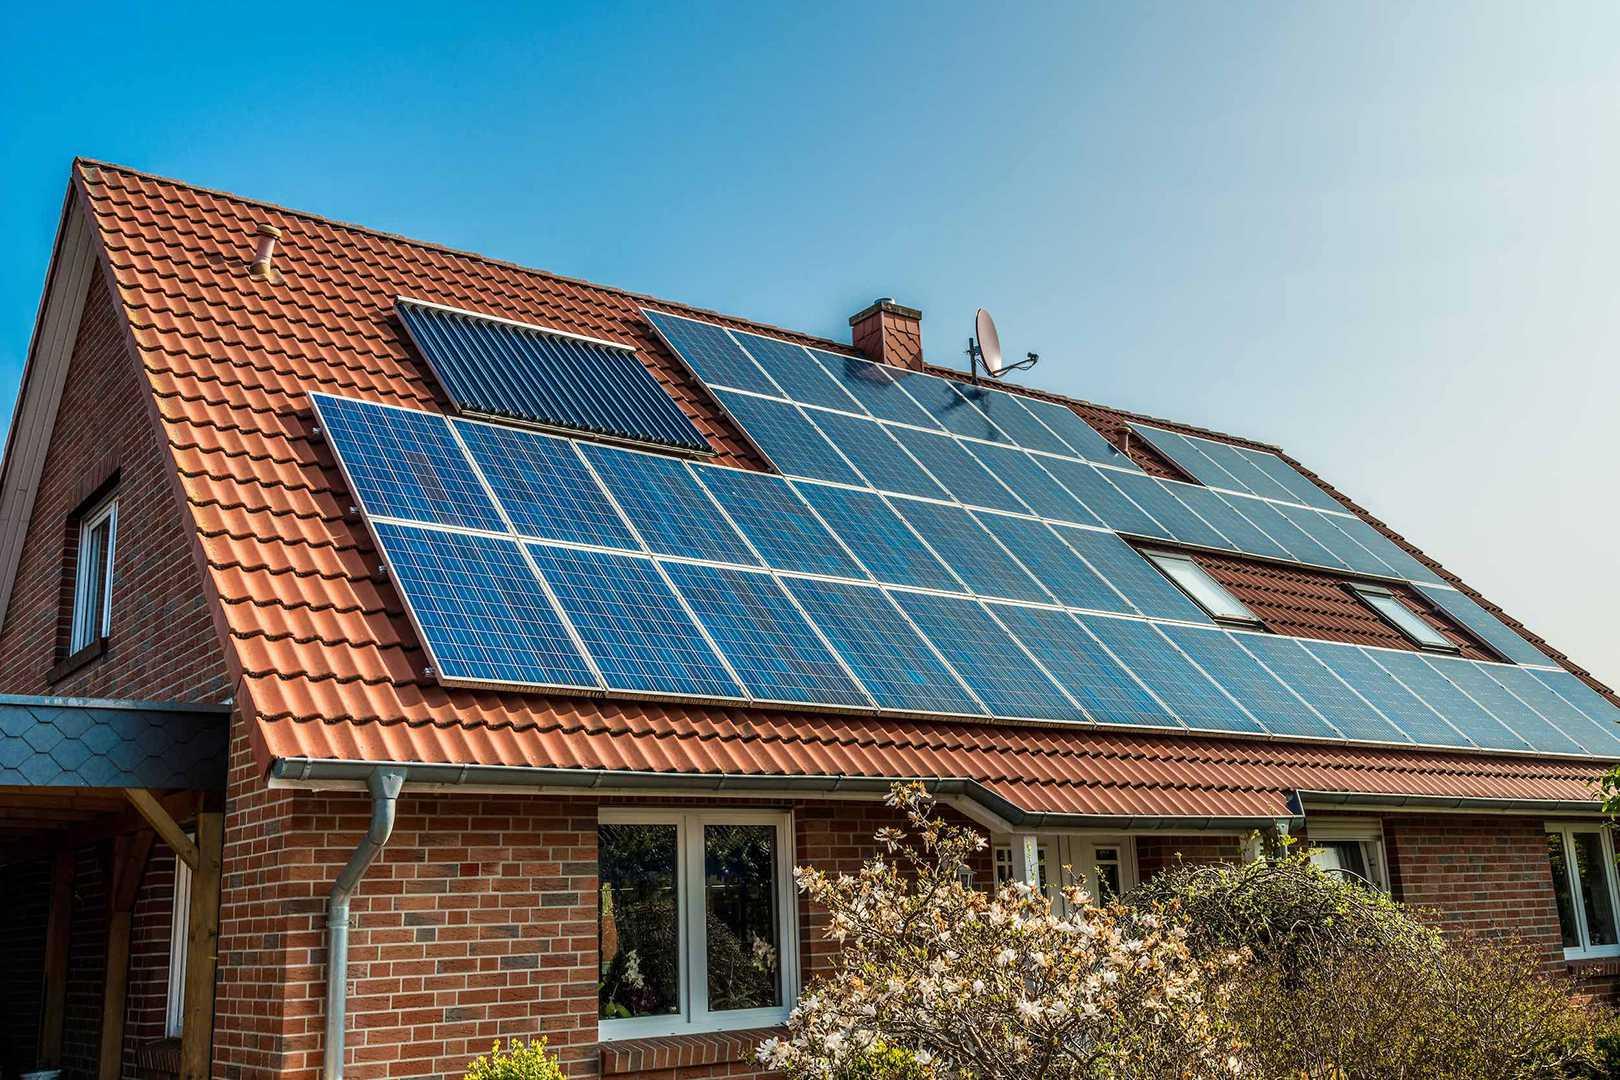 Практика использования моно и поликристаллических фотомодулей в солнечных батареях